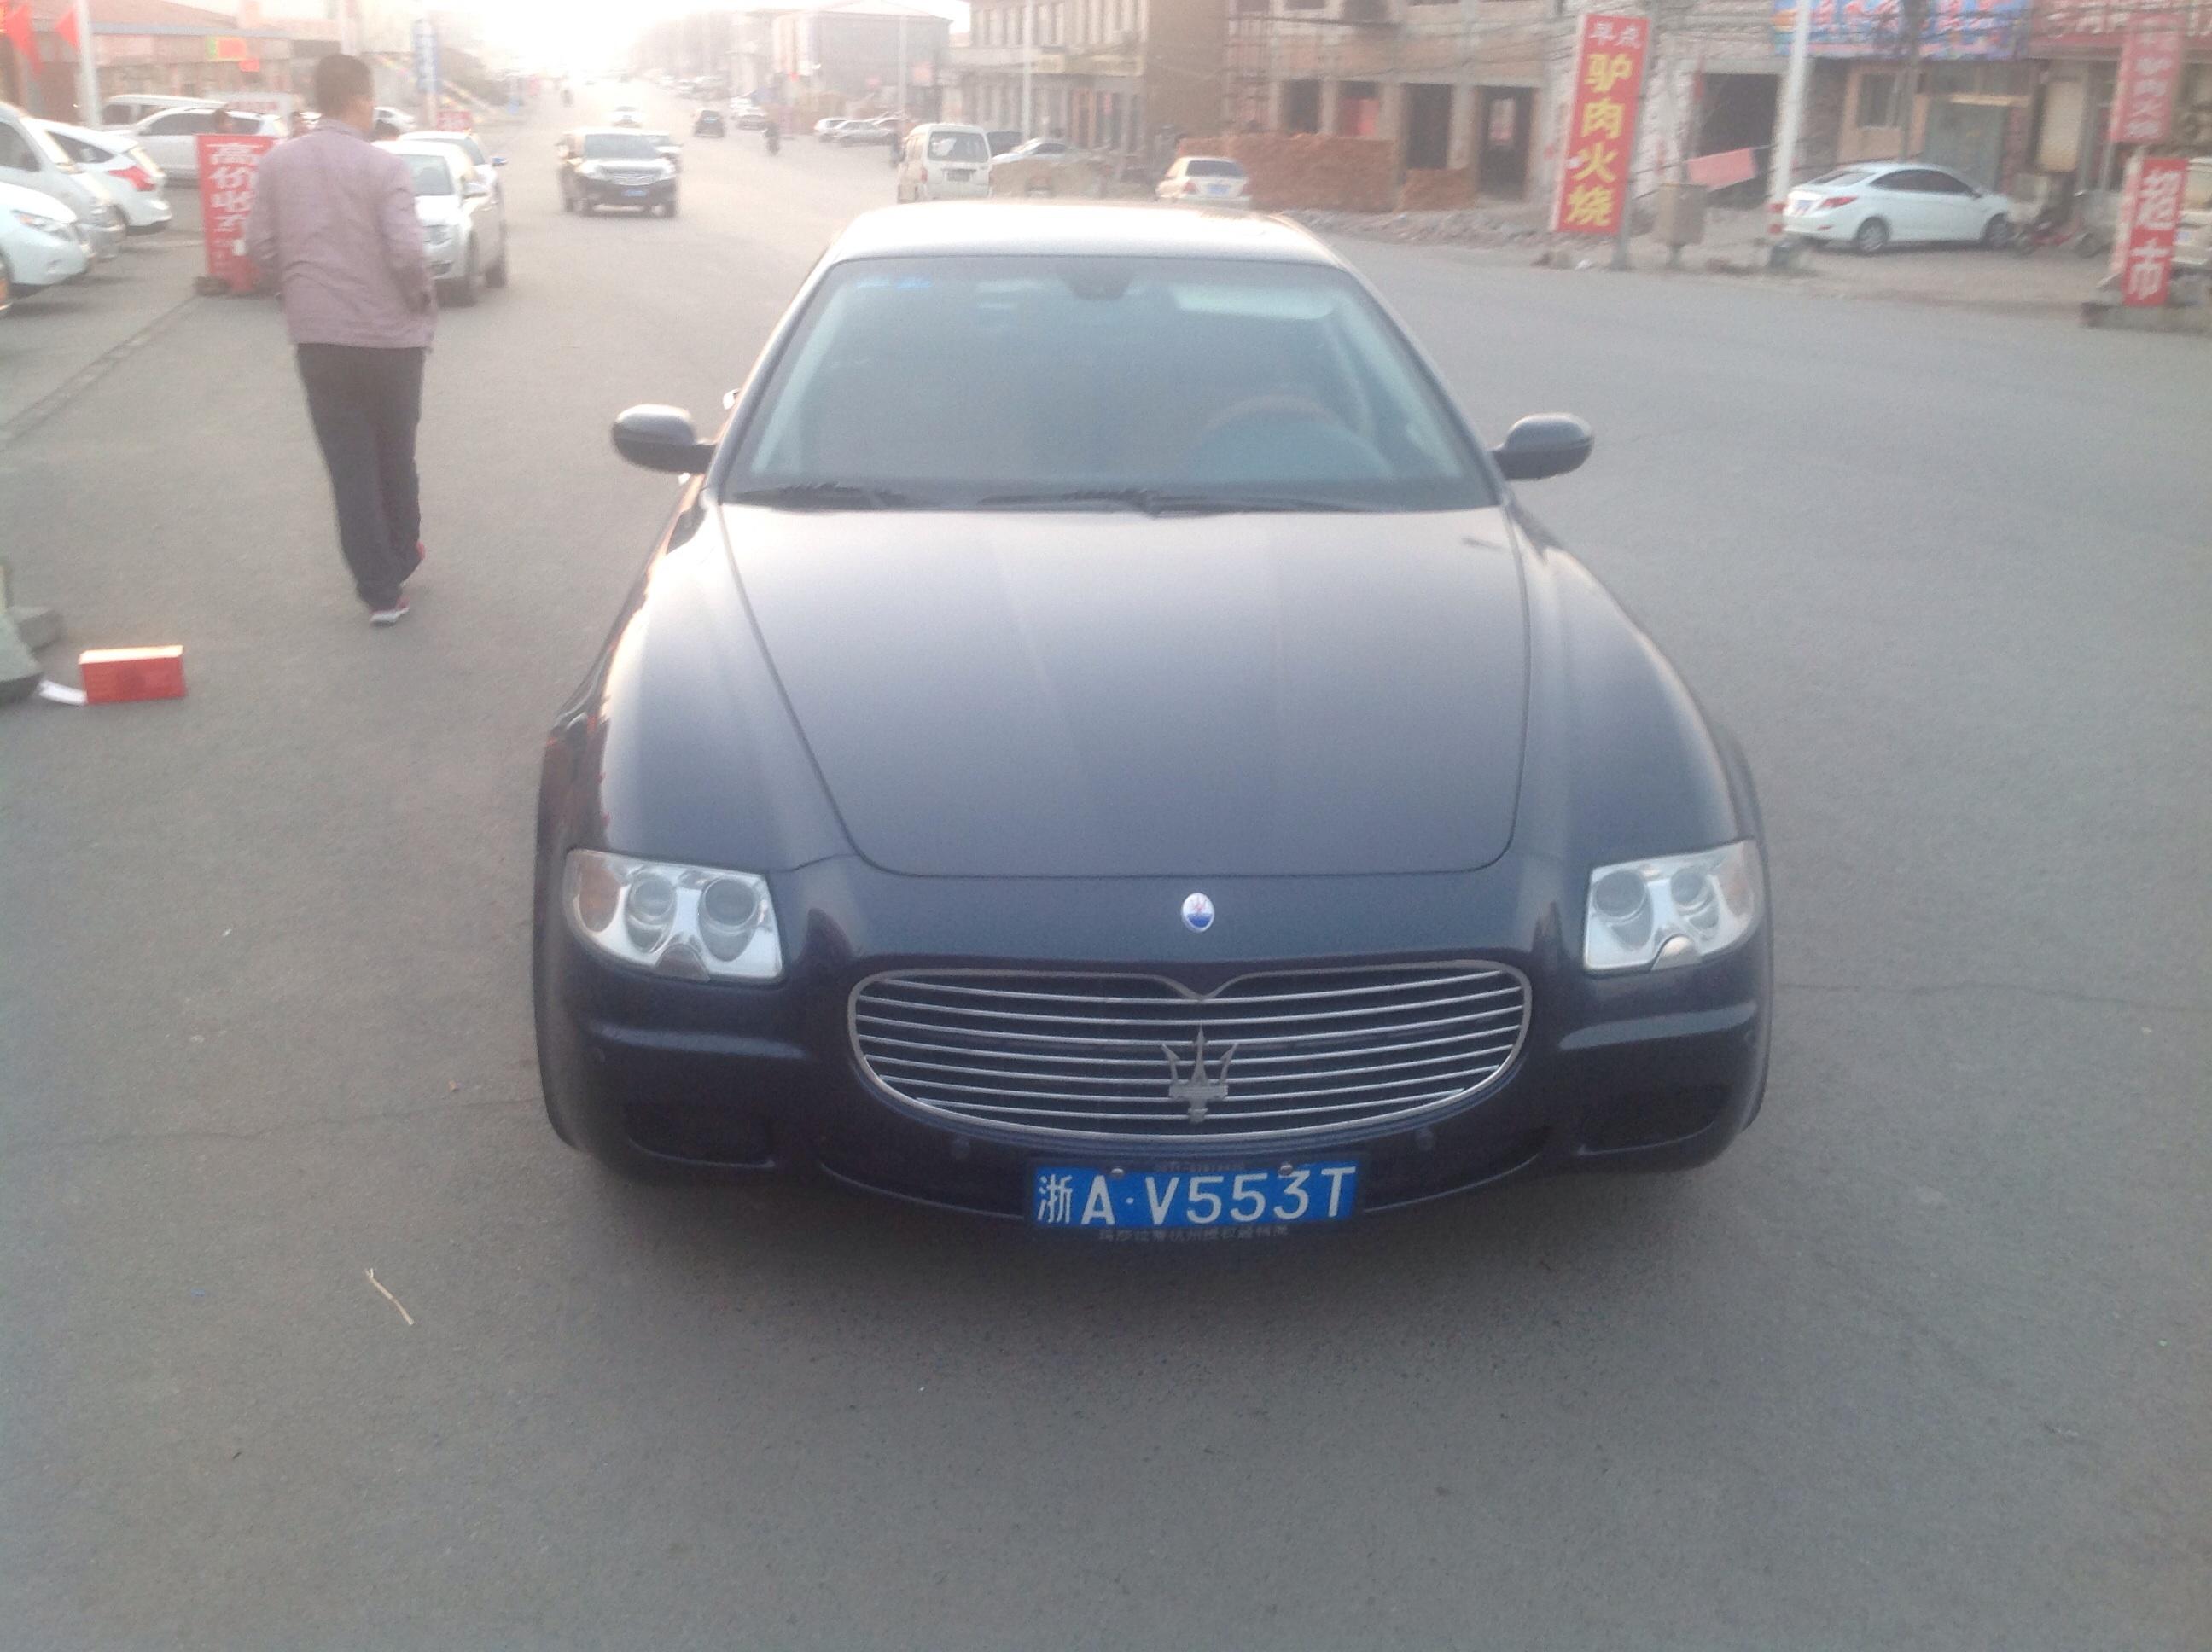 二手玛莎拉蒂图片 天津天津静海二手车高清图片